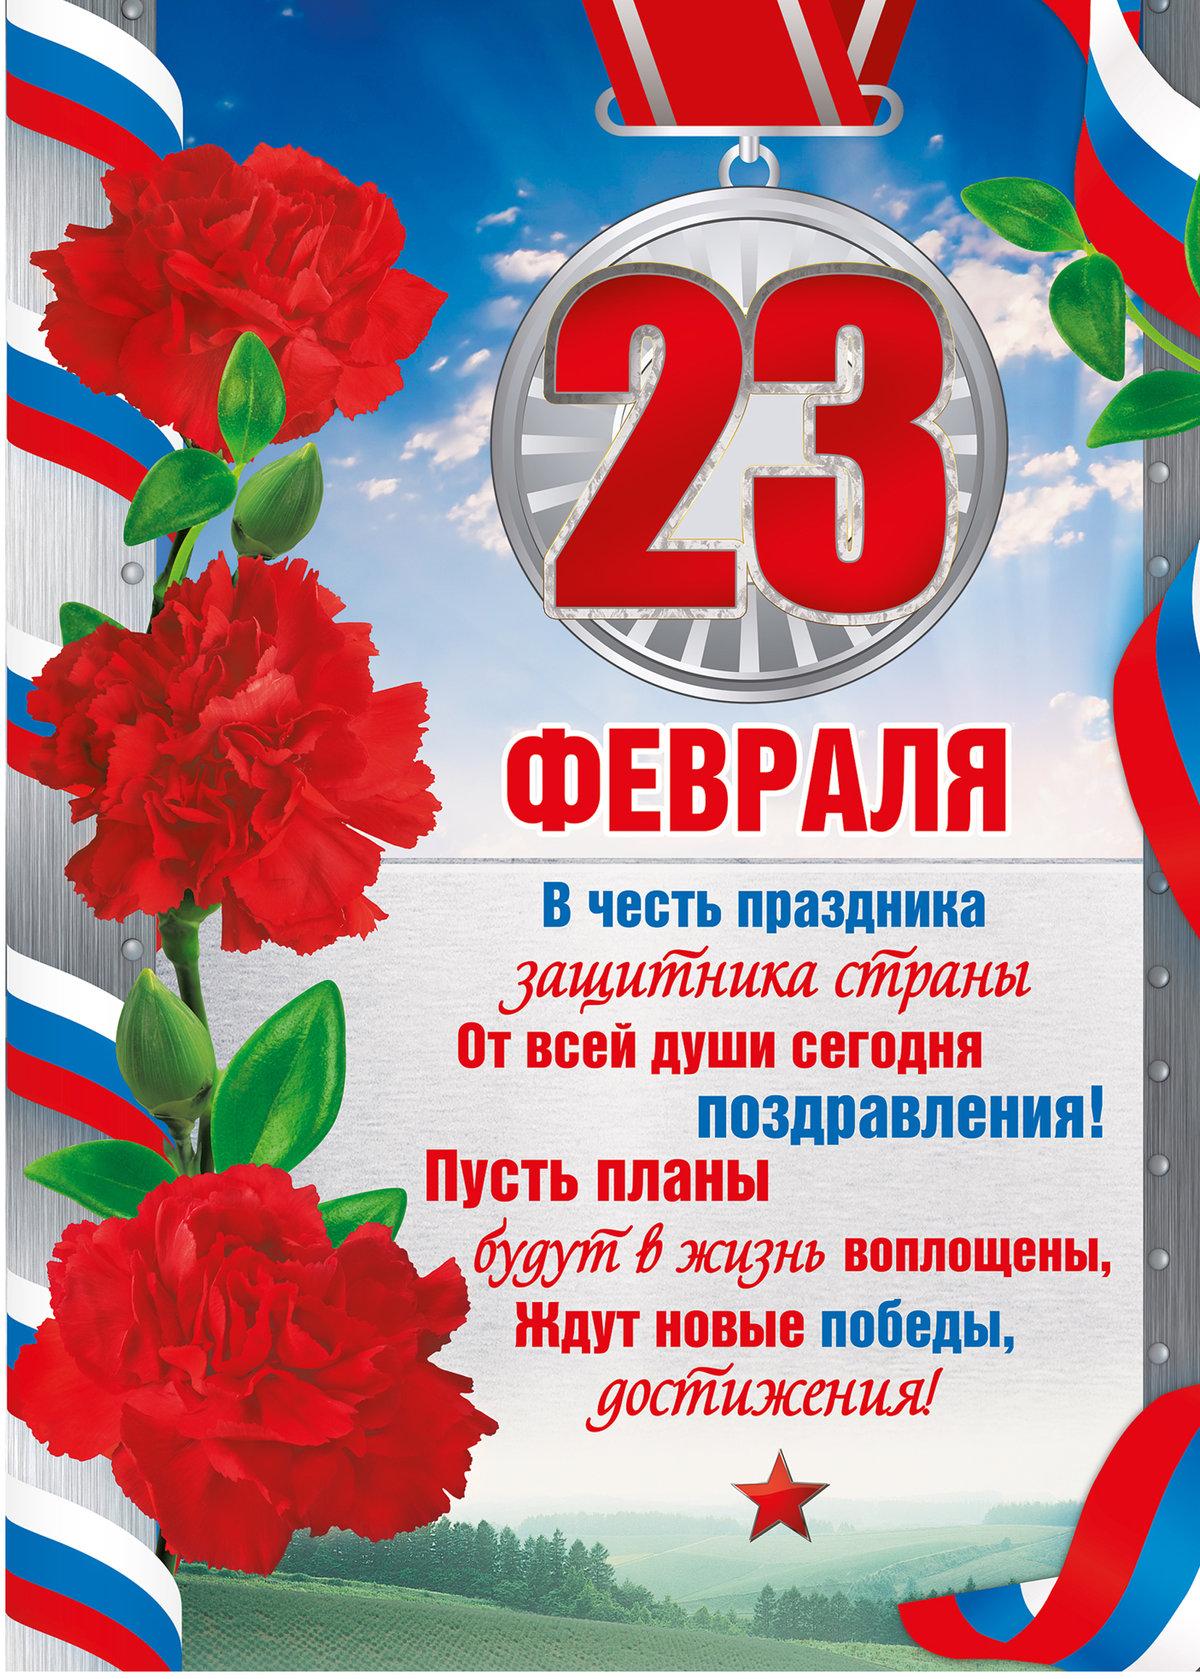 ❶Поздравление с 23 февраля формат а4|Стихи на 23 февраля парню|Posts tagged as #татарскаяоткрытка | ldsapologists.com||}